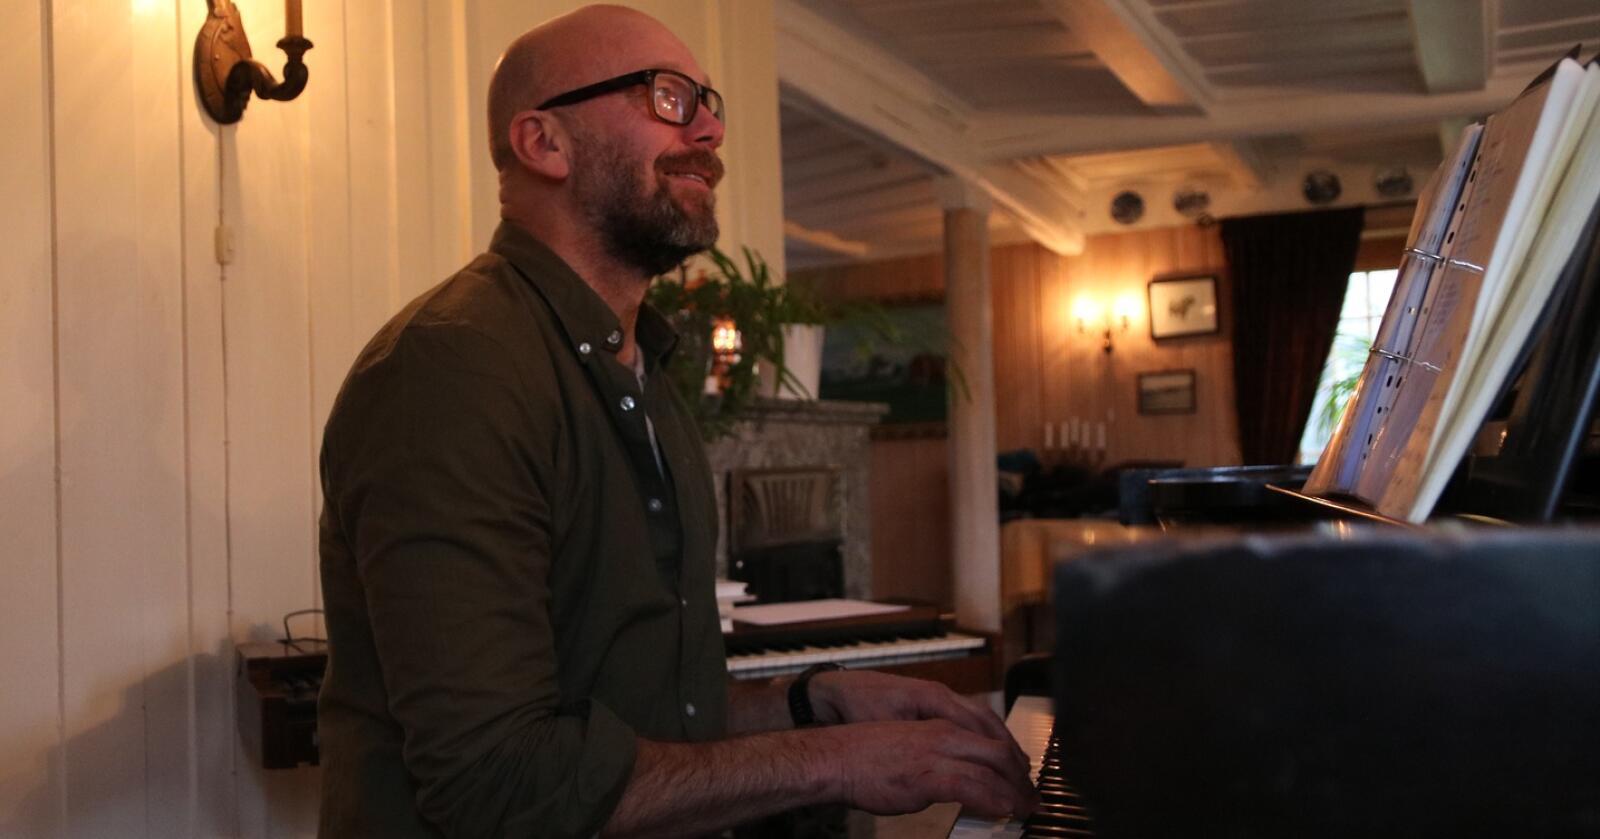 MUSIKK: Geir Gjønnes har tatt opp igjen musikken som mental terapi. Foto: Dag Idar Jøsang